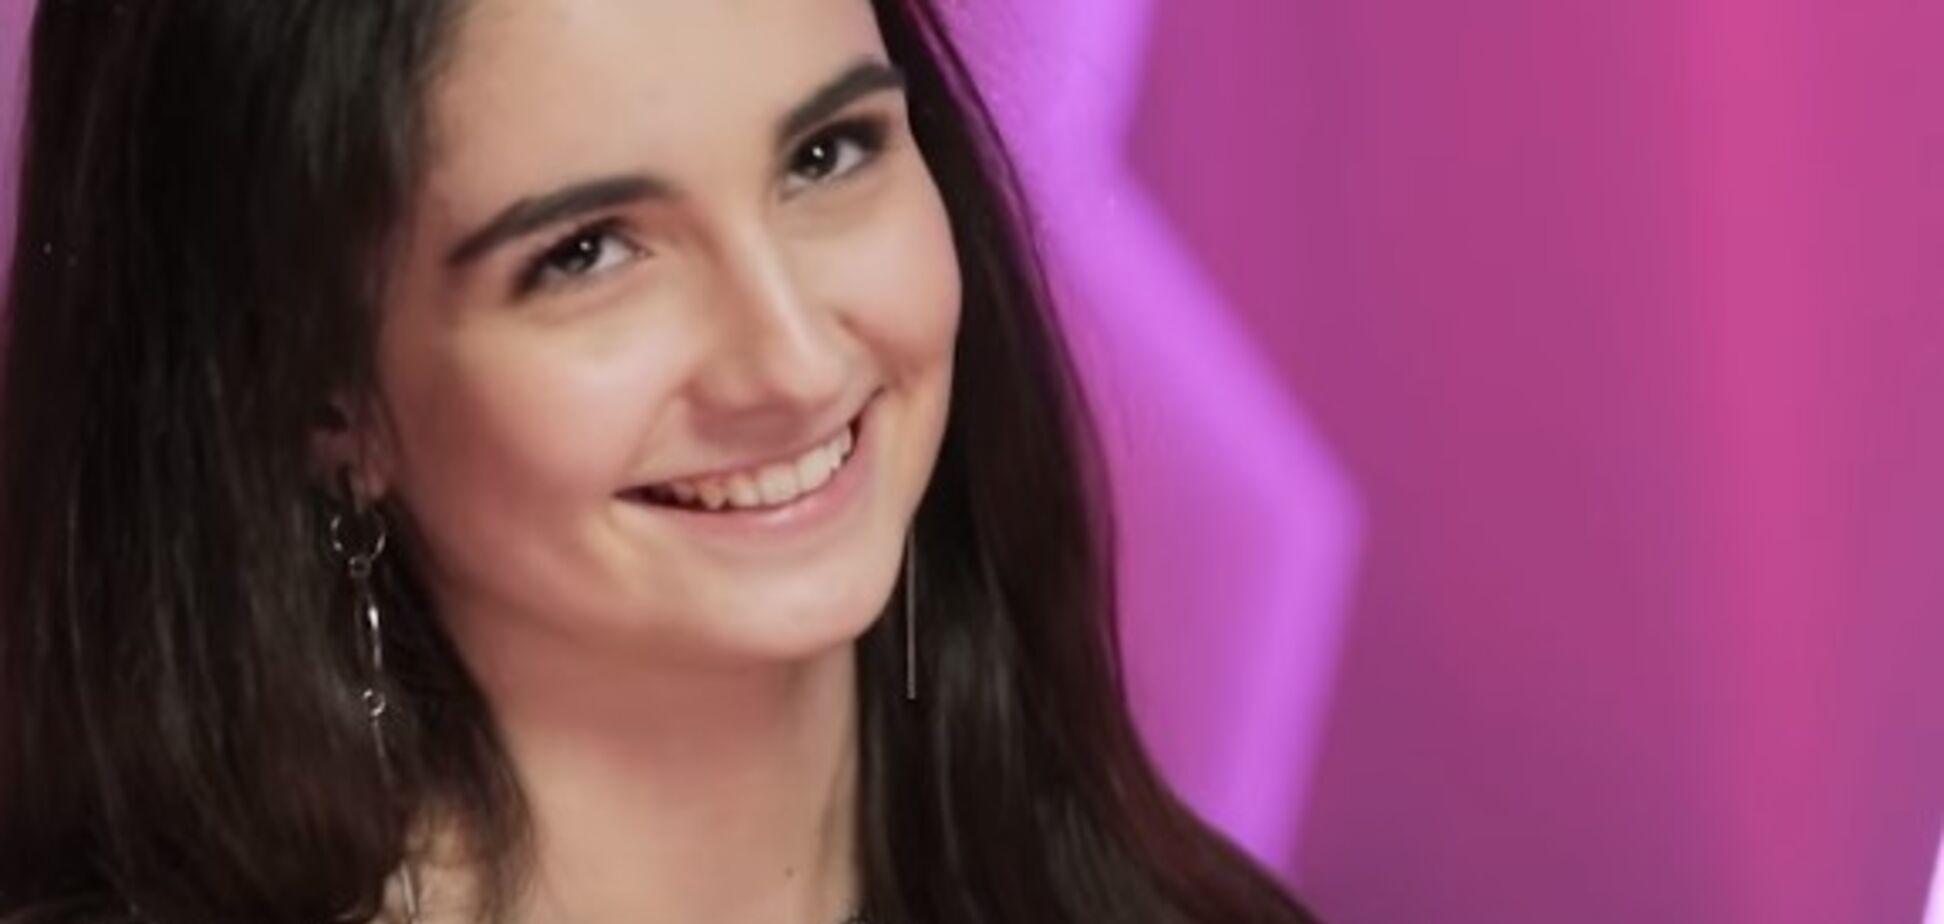 Юная актриса сериала 'Школа' поразила судей 'Голоса країни'